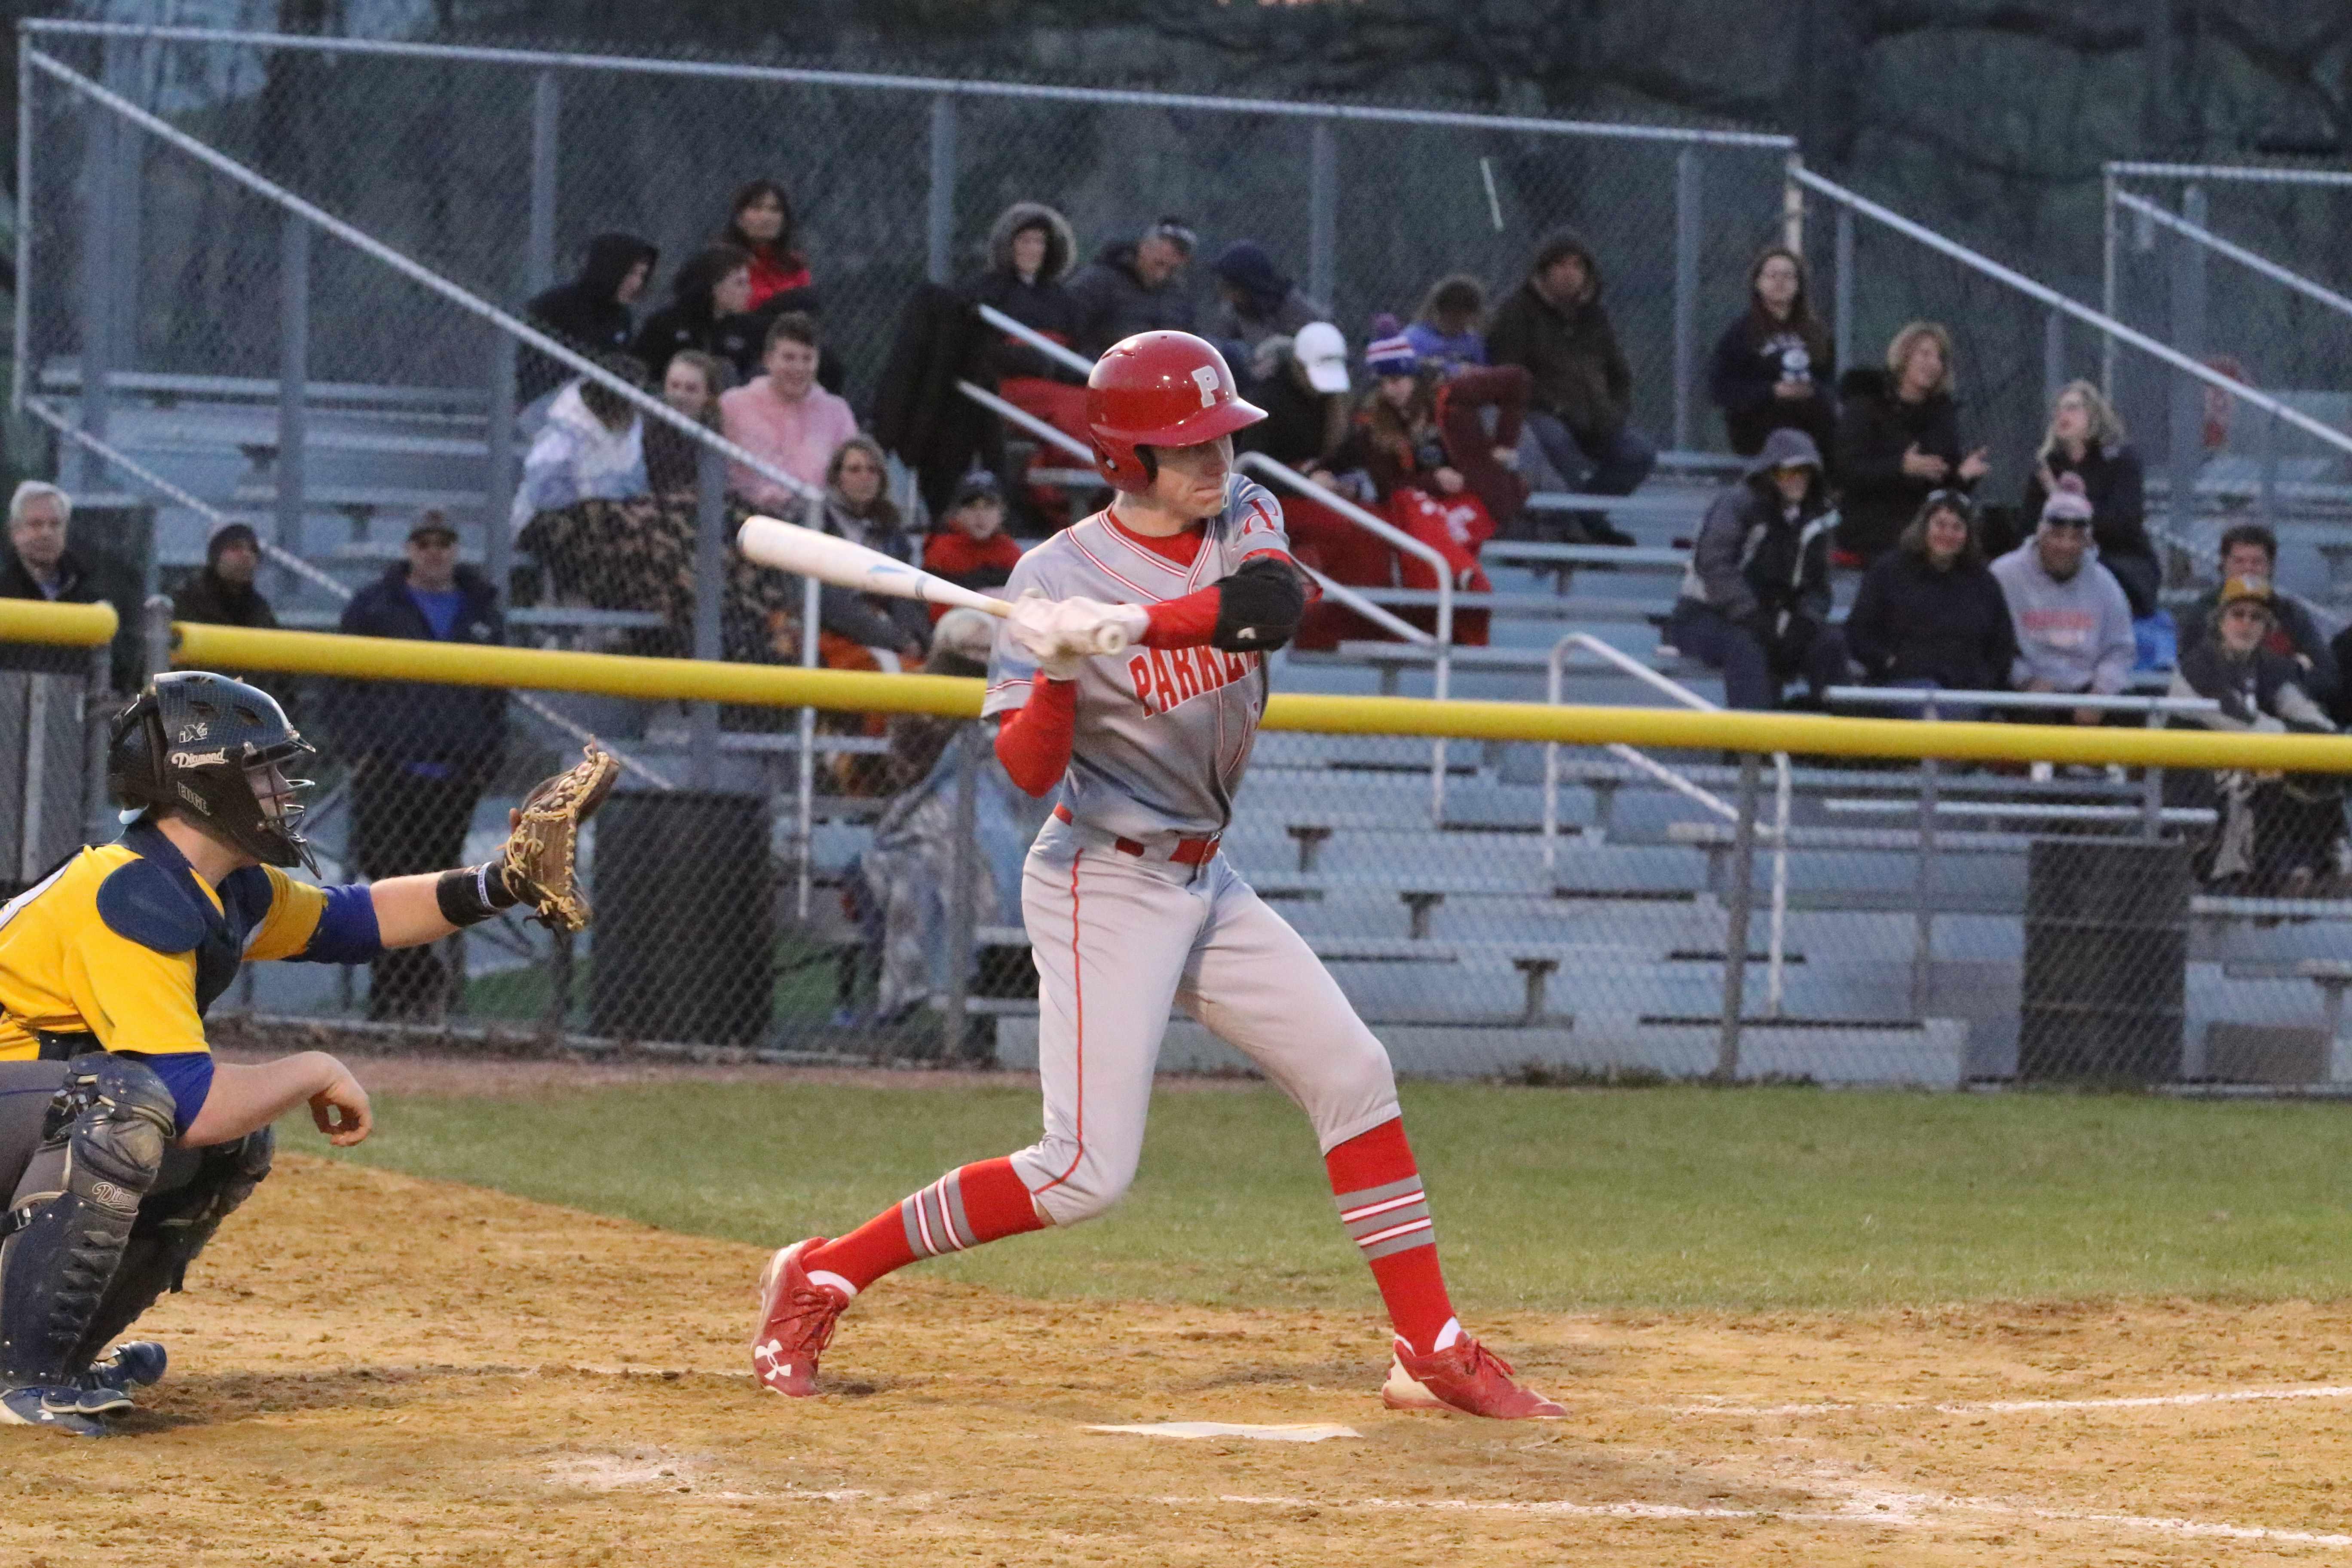 duff batting